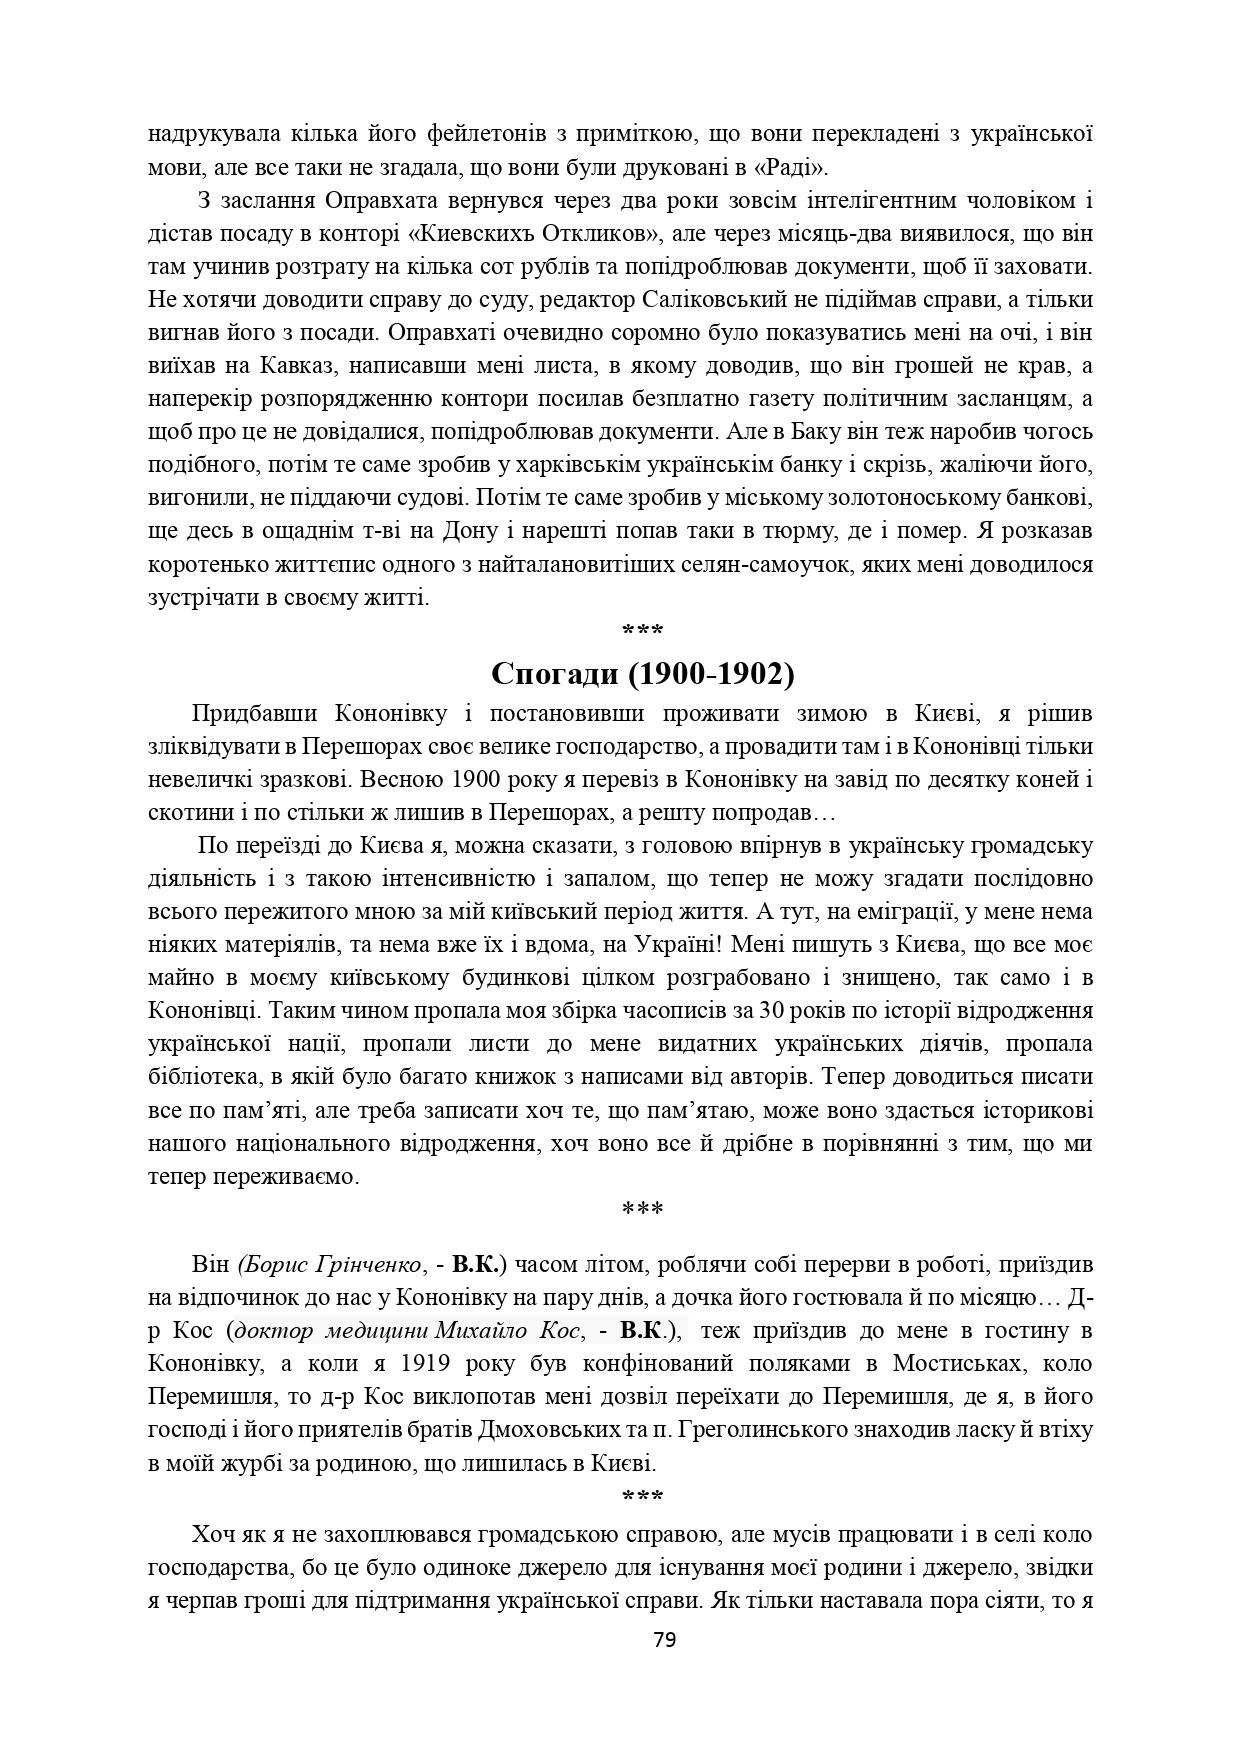 ІСТОРІЯ СЕЛА КОНОНІВКА 2021 (1)_page-0079